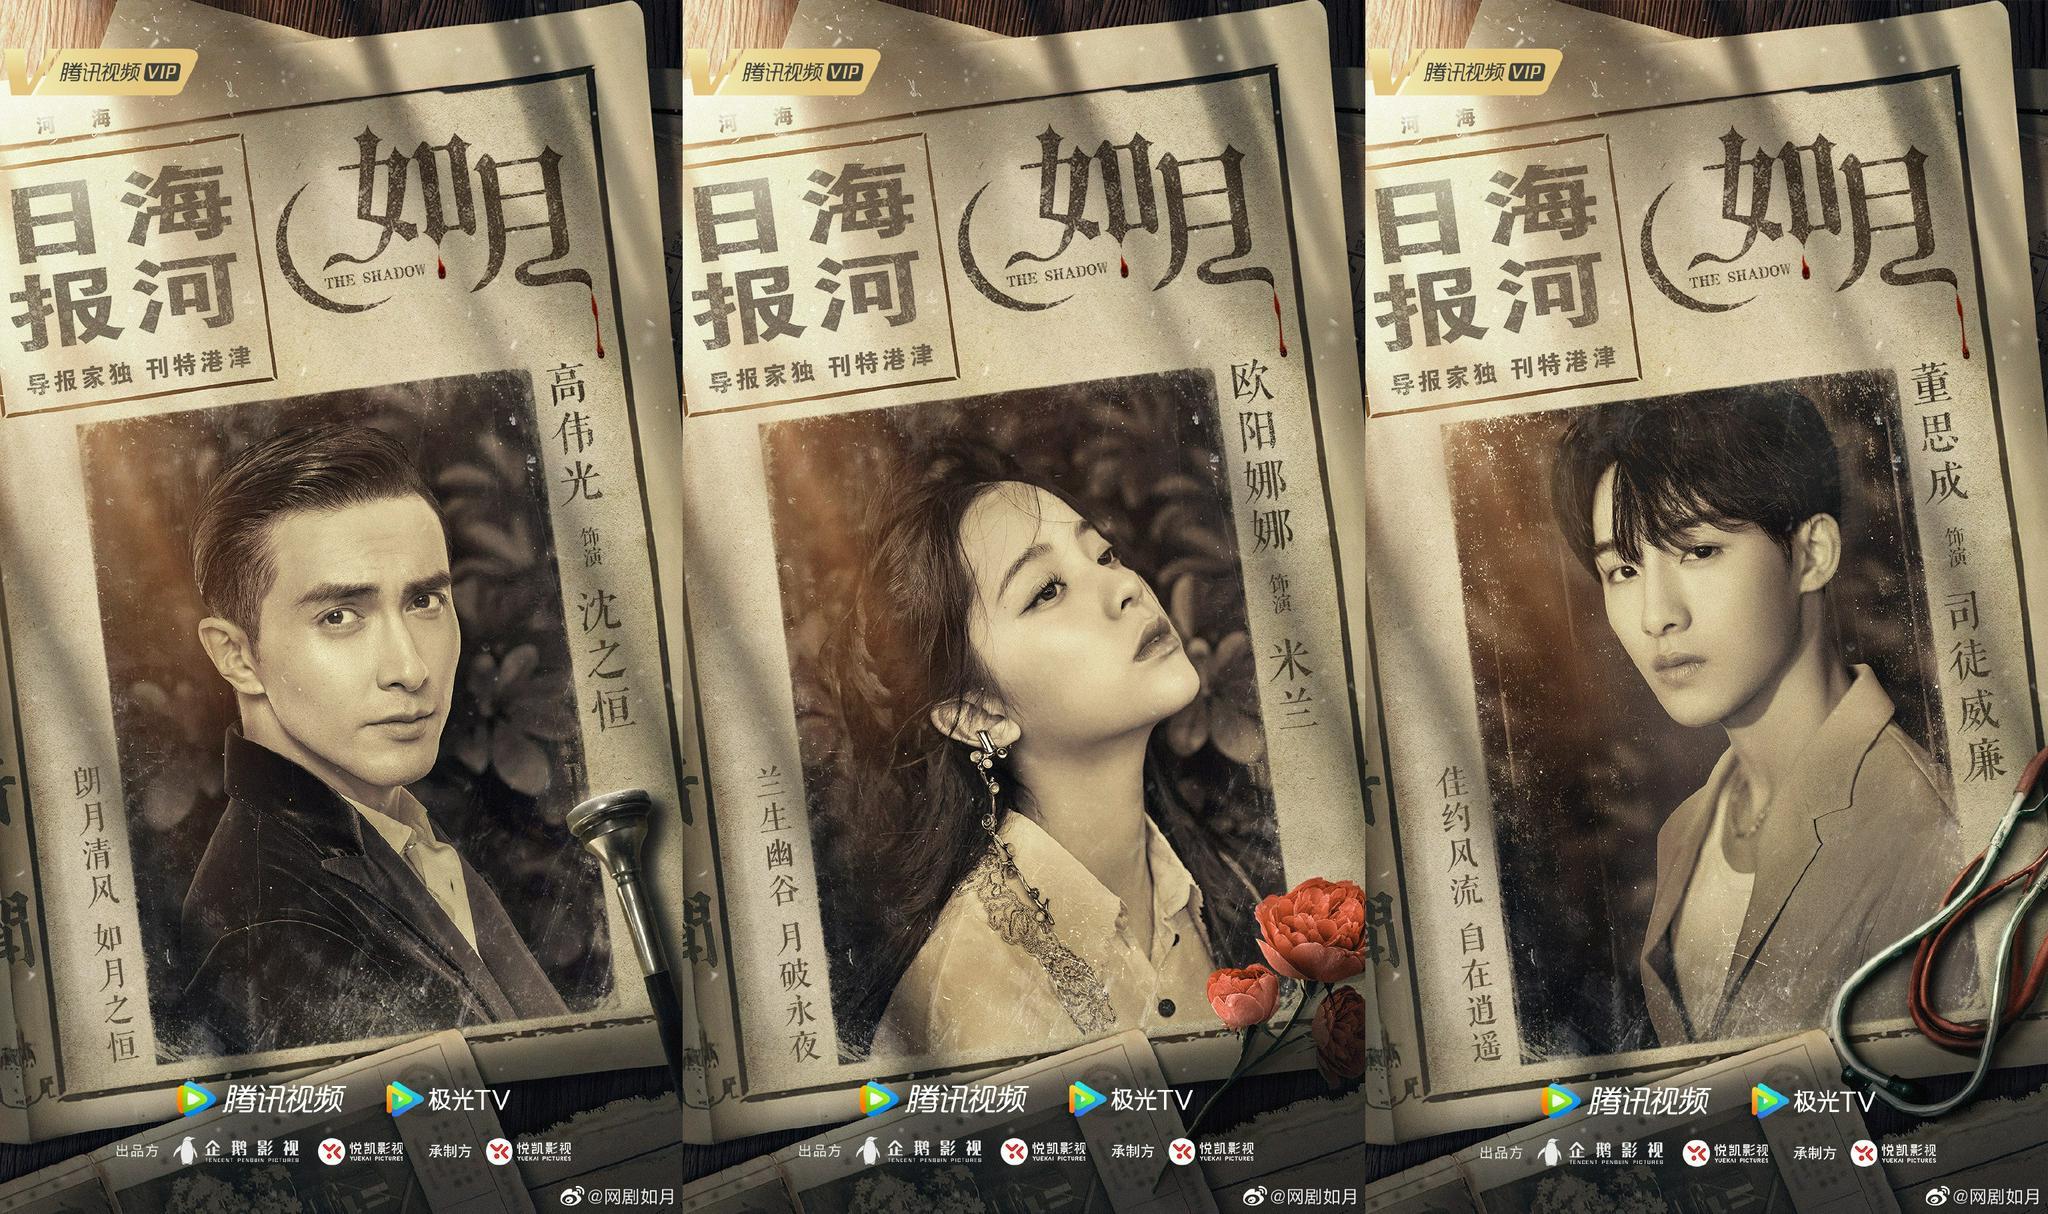 网剧《如月》曝光角色海报,高伟光、欧阳娜娜、董思成等主演